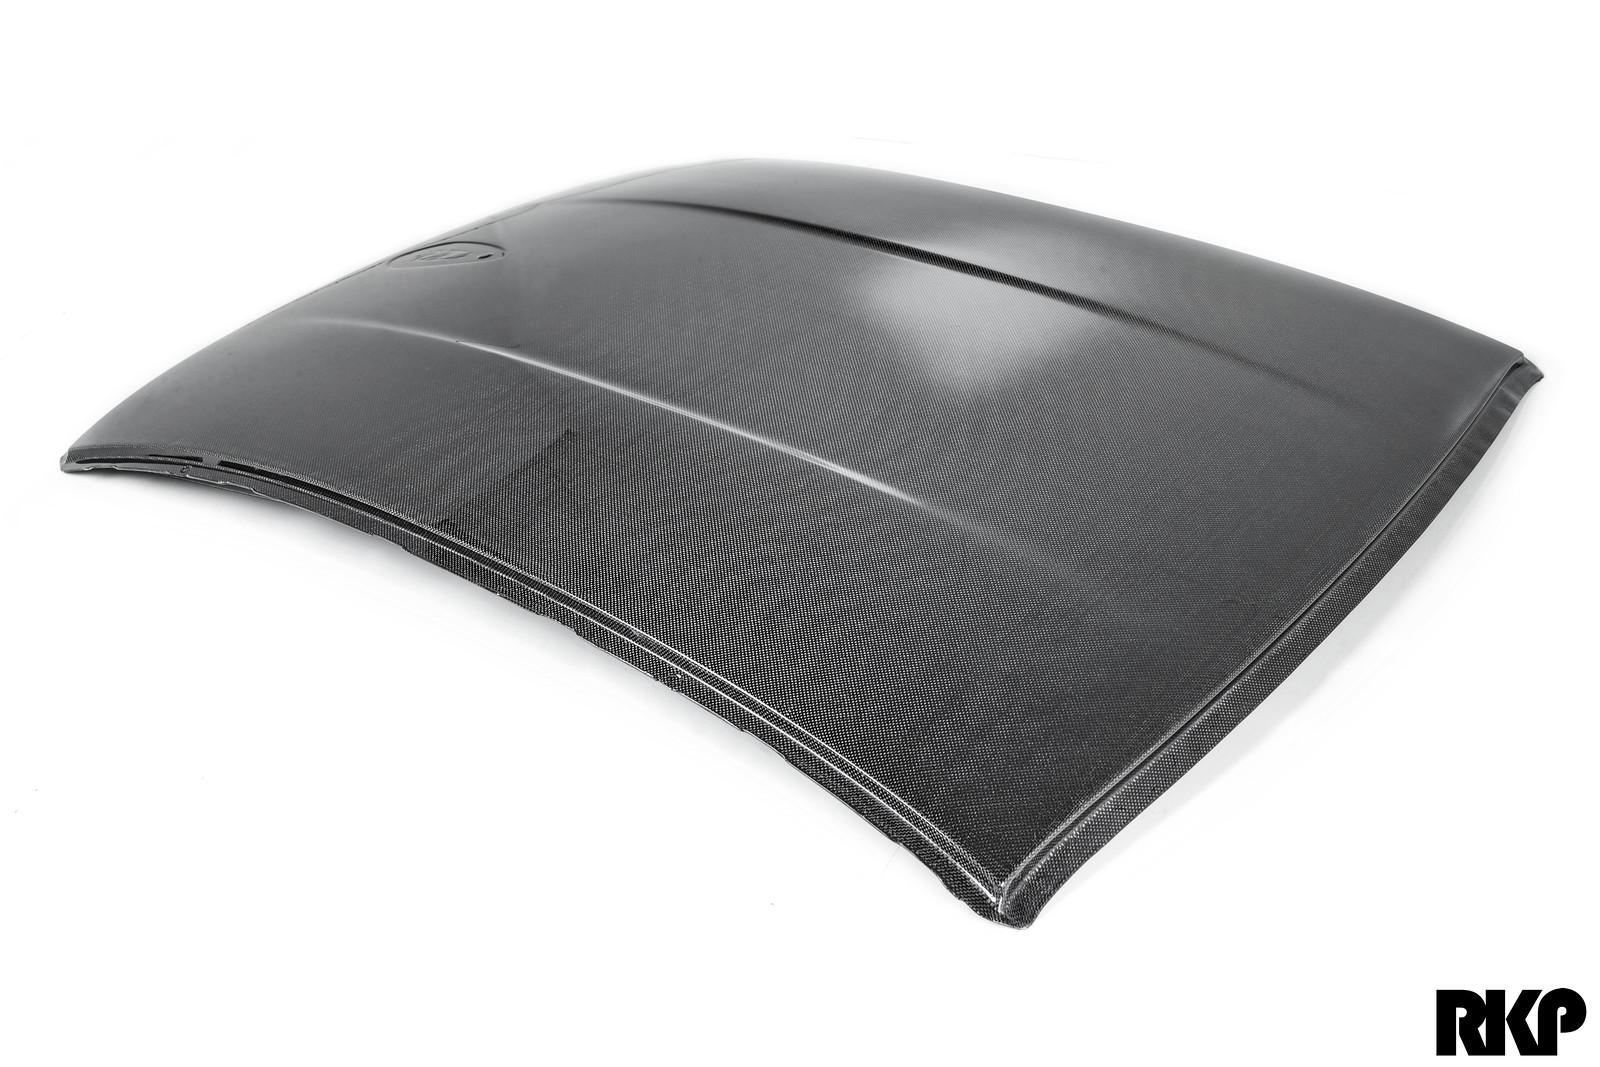 Ind Rkp F87 M2 Carbon Fiber Roof